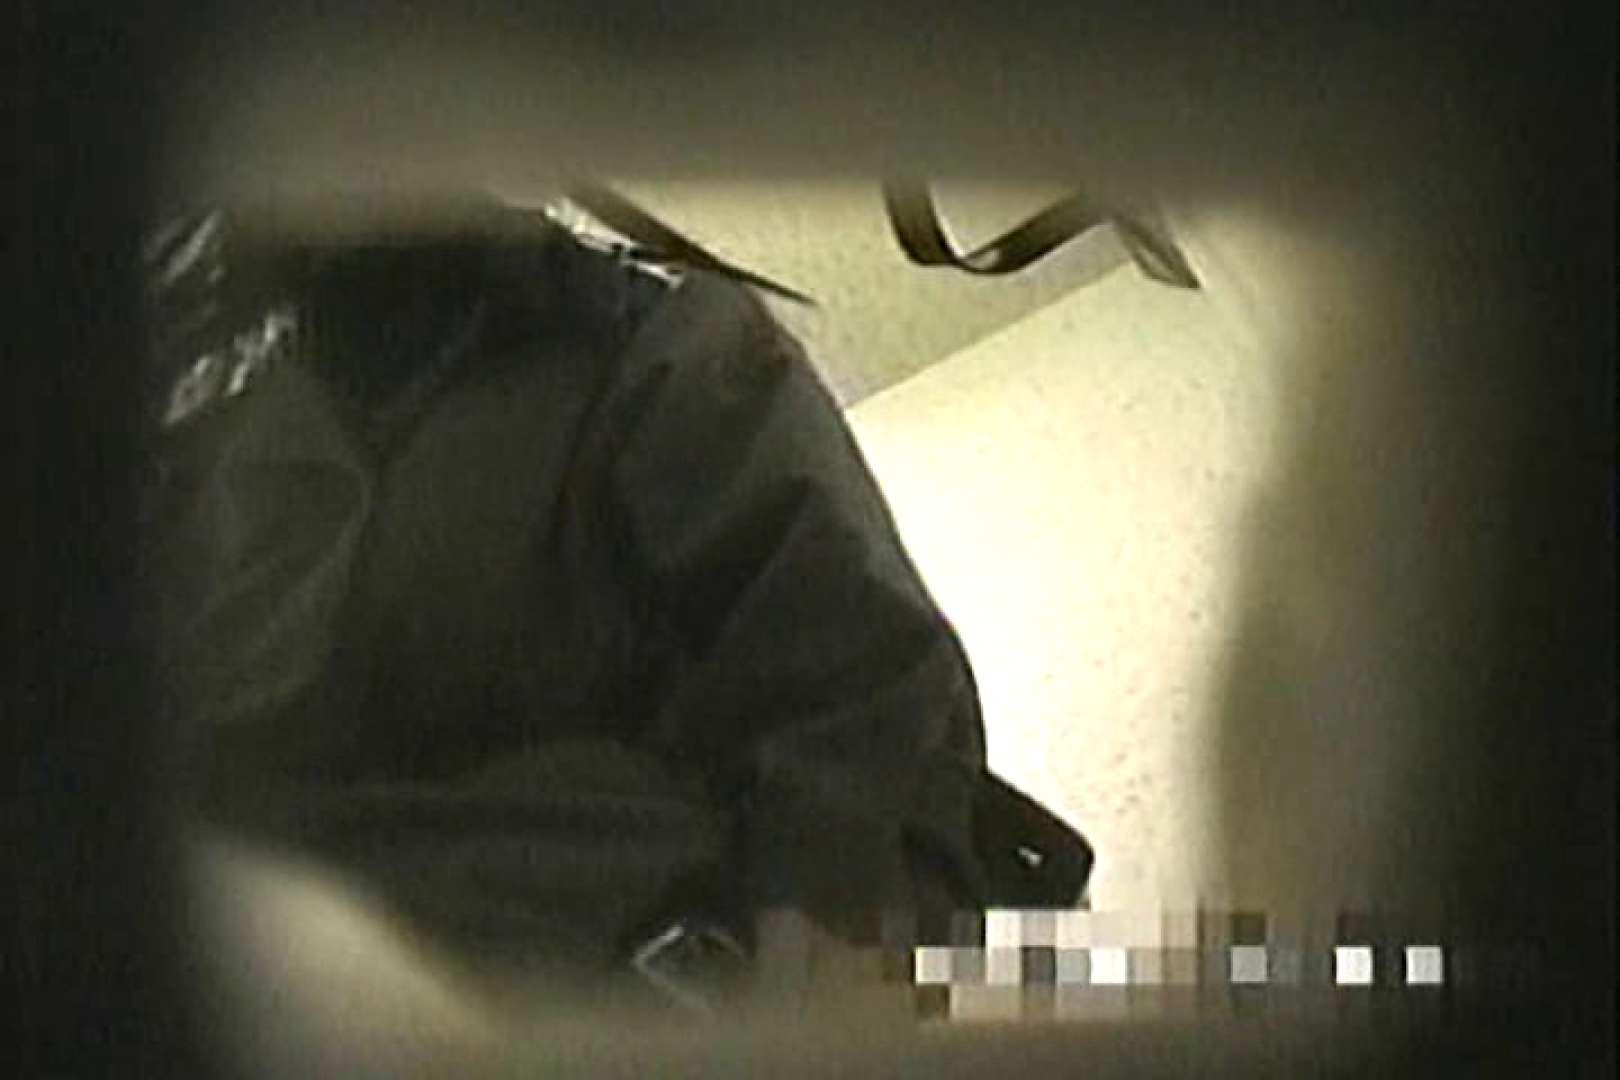 女子洗面所盗撮 今度の2カメは若い子だらけ  TK-127 盗撮 おまんこ動画流出 62pic 62